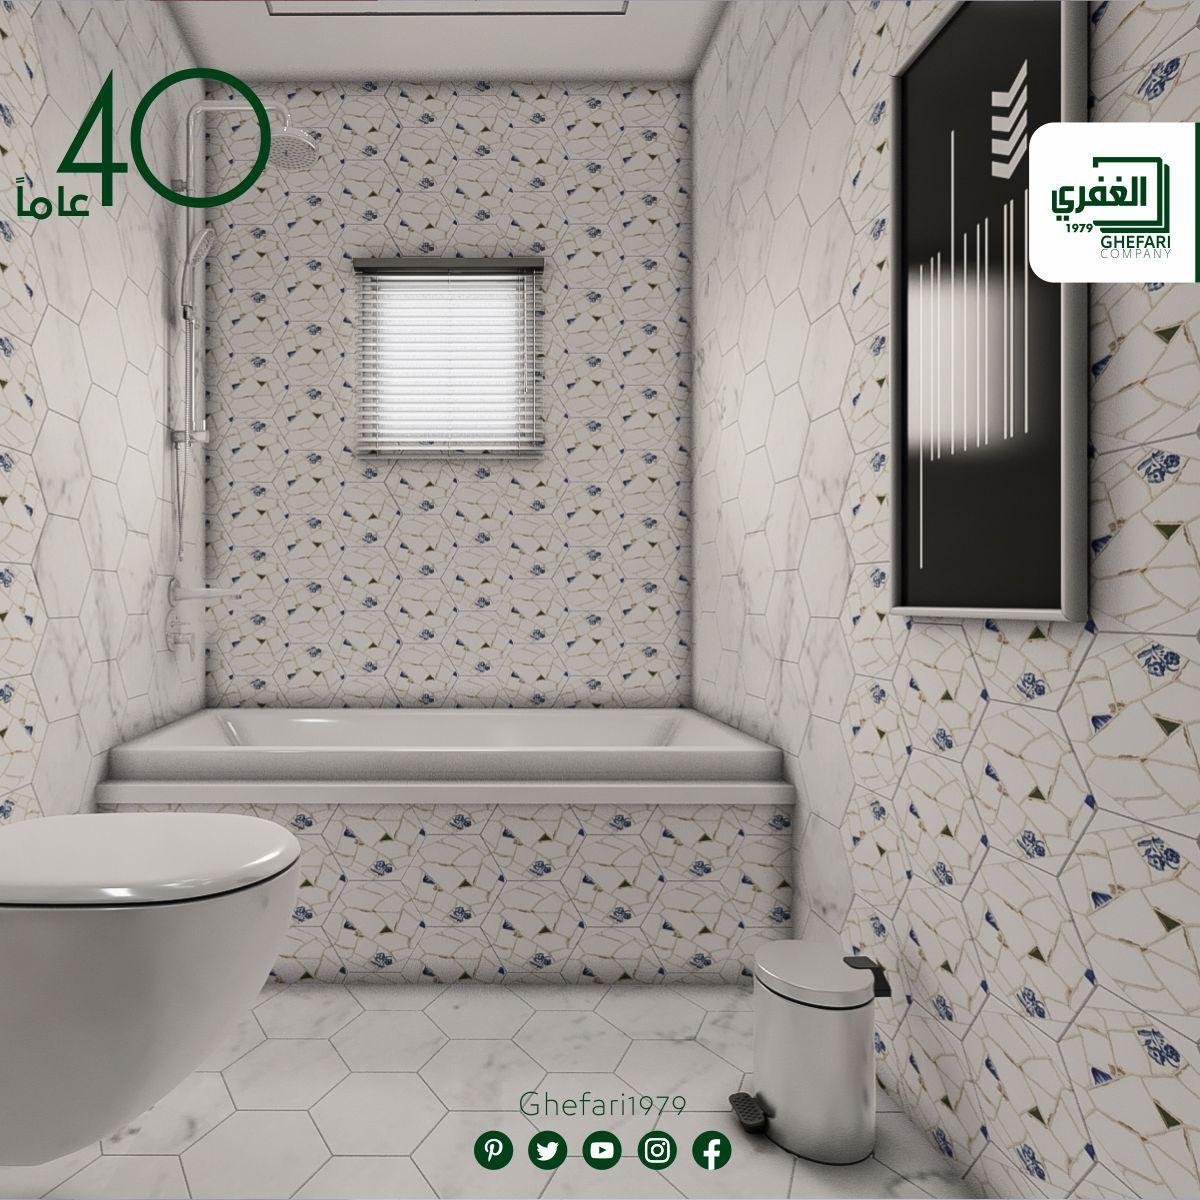 بورسلان ارضي حوائط حمامات مطبخ اسباني الصنع مقاس 23x27 ديكور 27 23 ارضي 23x27 للمزيد زورونا على موقع الشركة Www Ghe Bathroom Instagram Posts Toilet